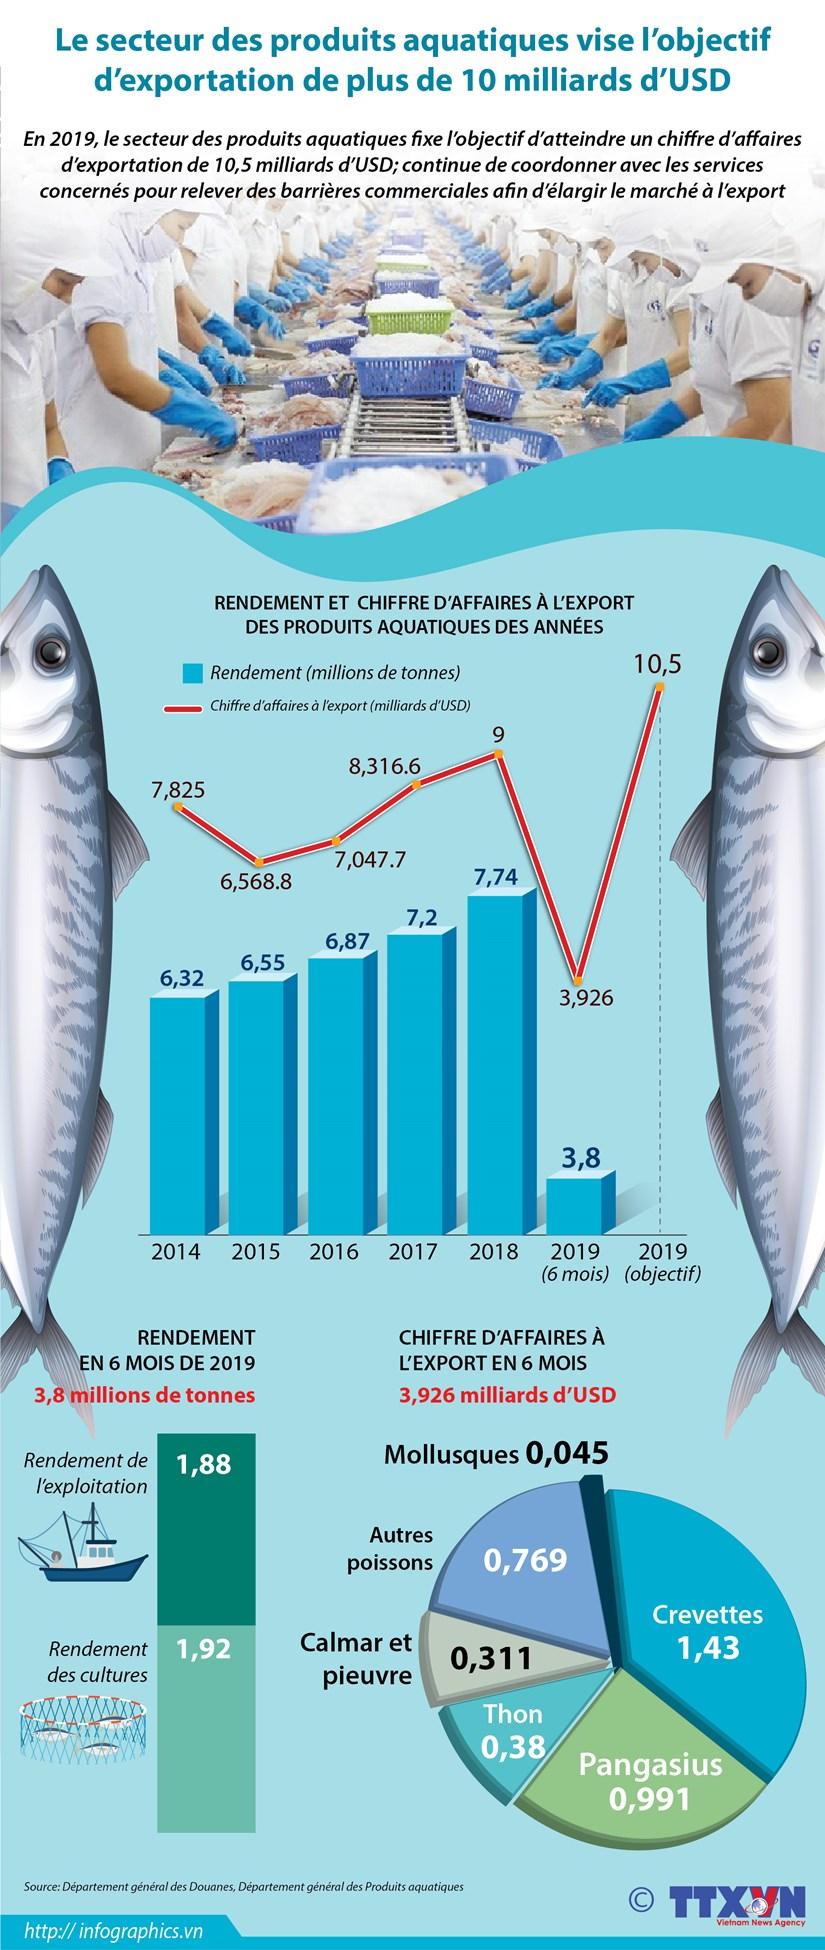 Le secteur des produits aquatiques vise l'objectif d'exportation de plus de 10 milliards d'USD hinh anh 1